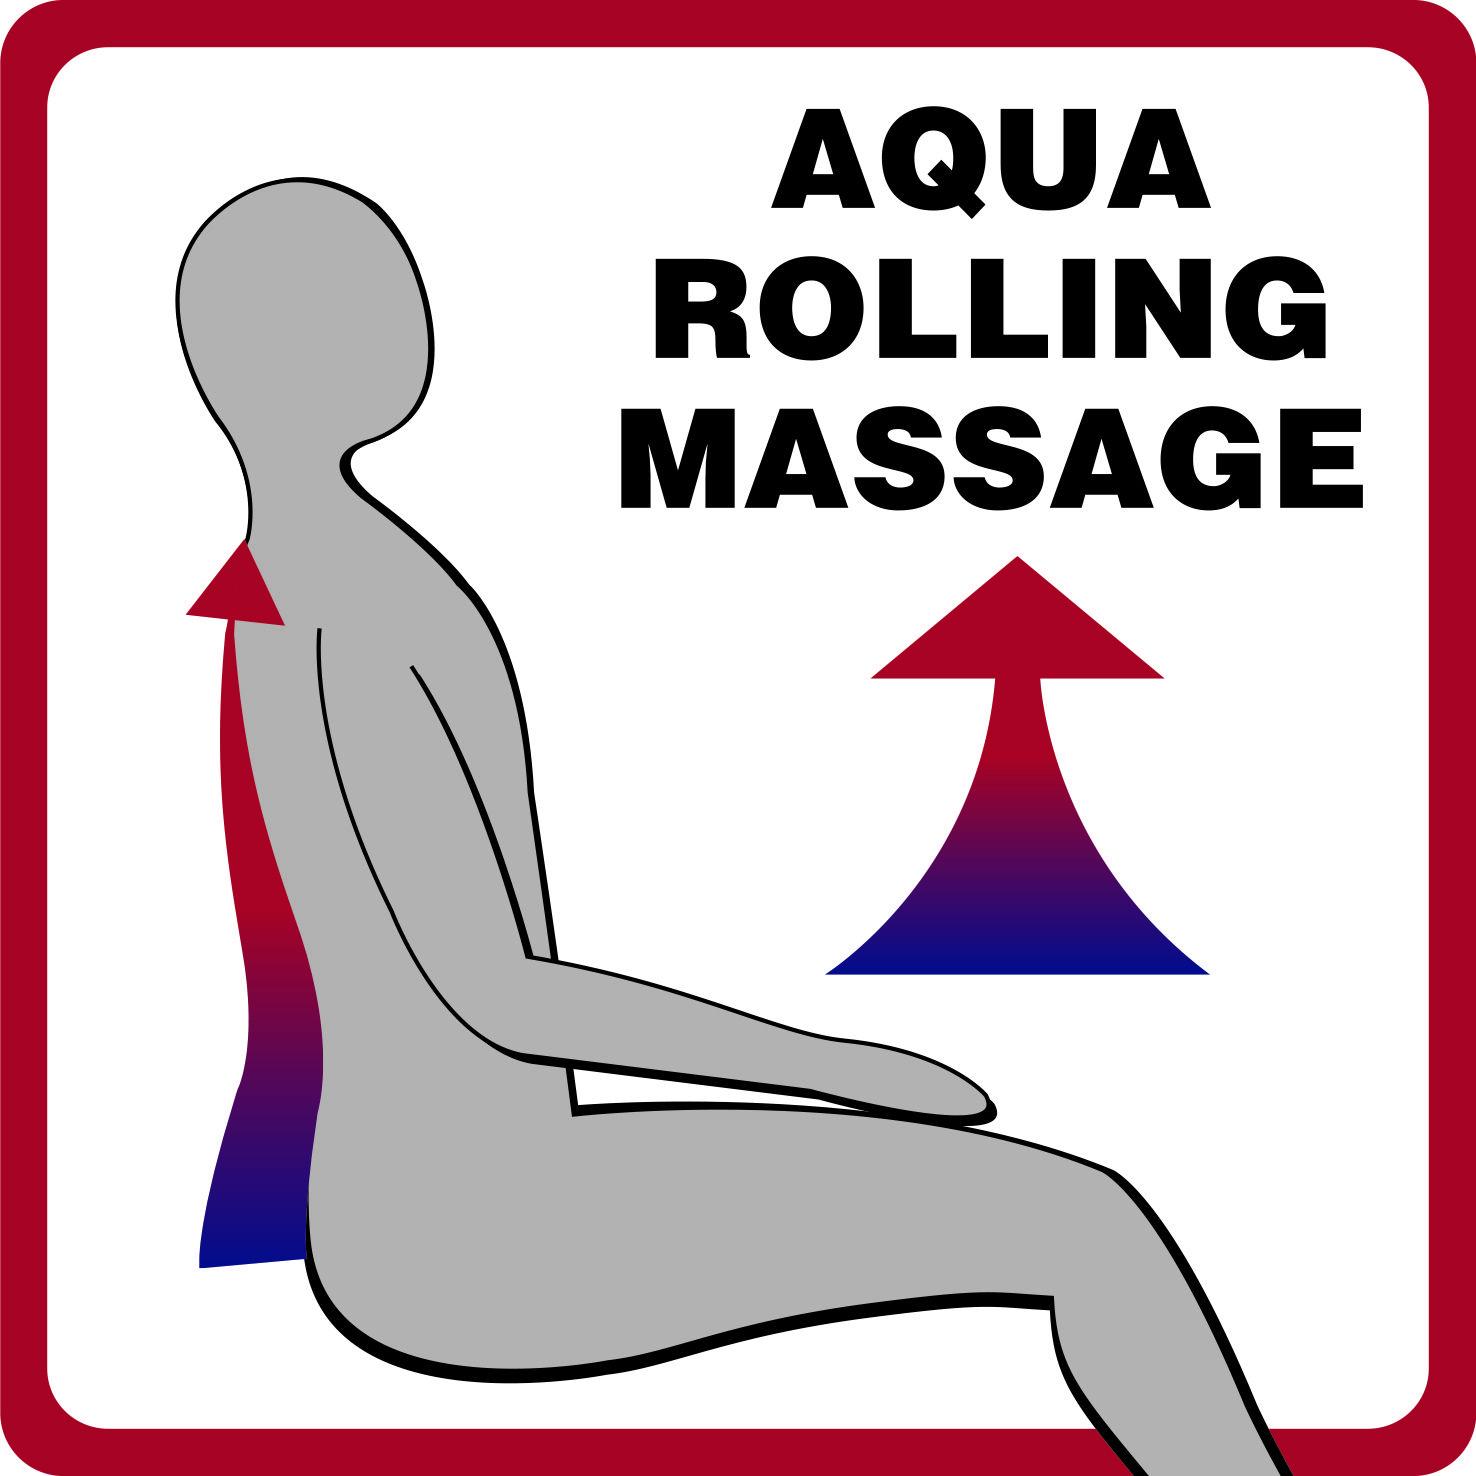 Aqua-rolling-massage